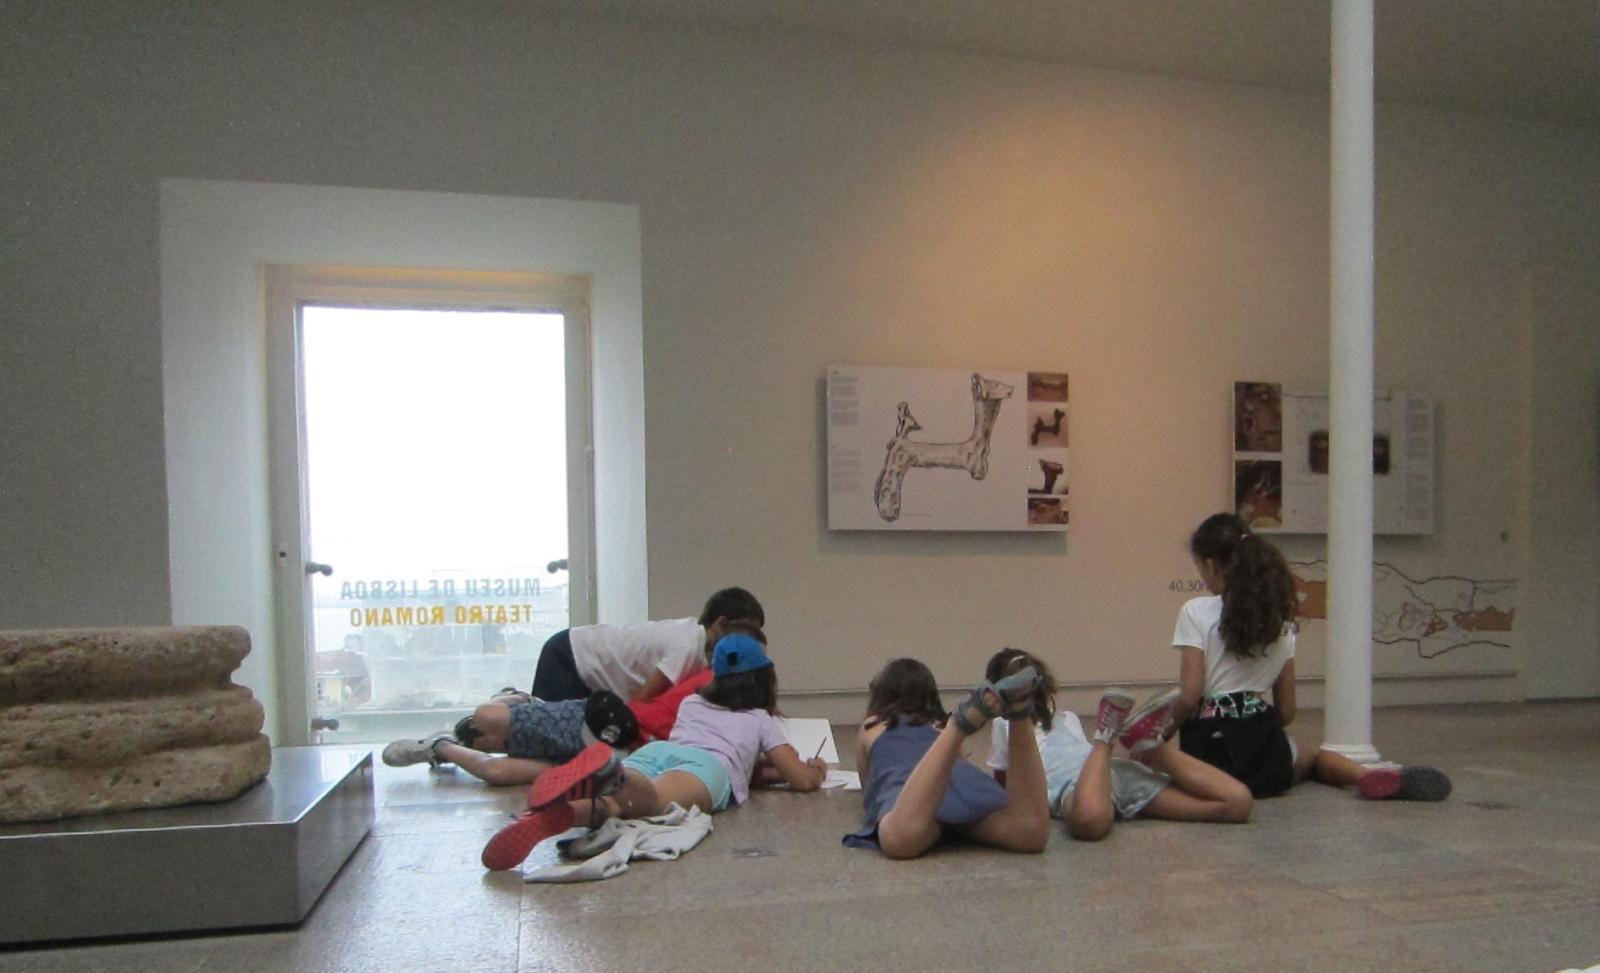 Crianças a desenhar no chão de uma galeria em frente a um quadro